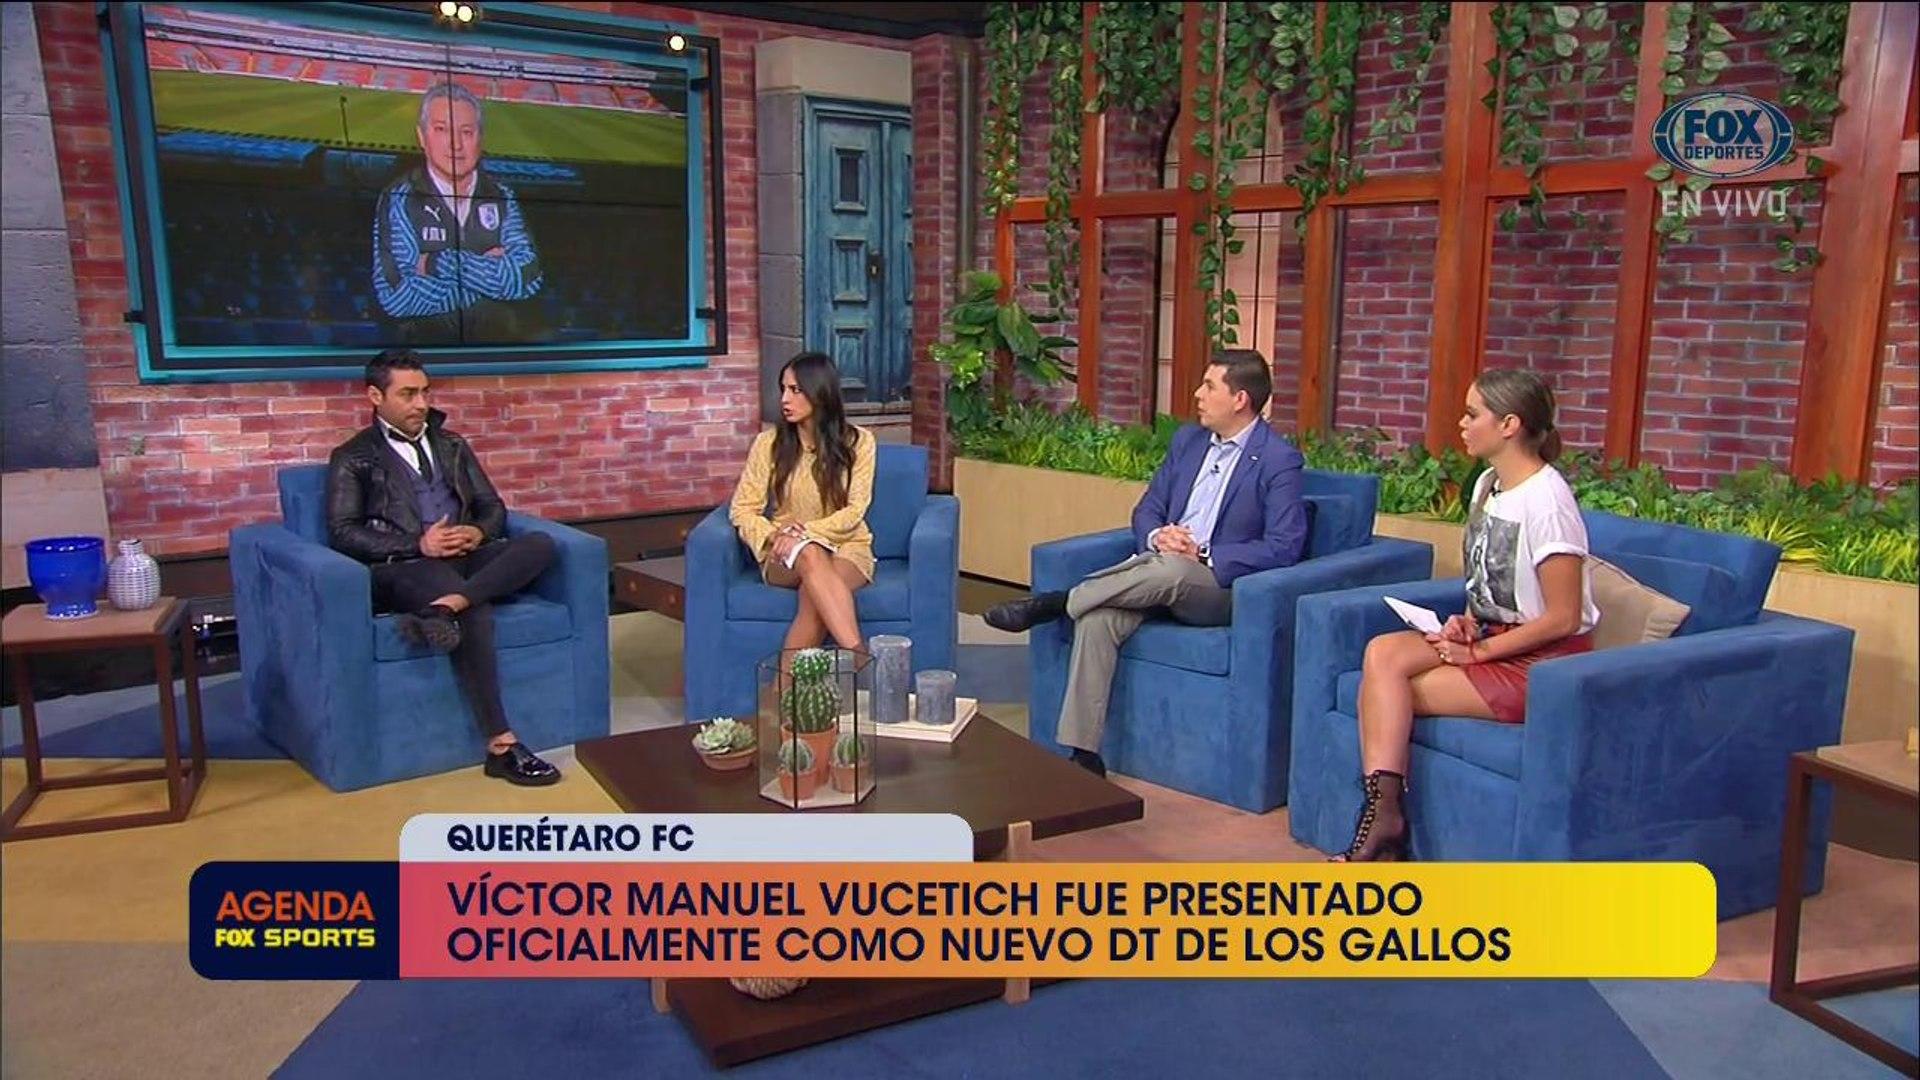 Agenda FS: ¿Querétaro se fue 'a la segura' con Vucetich?